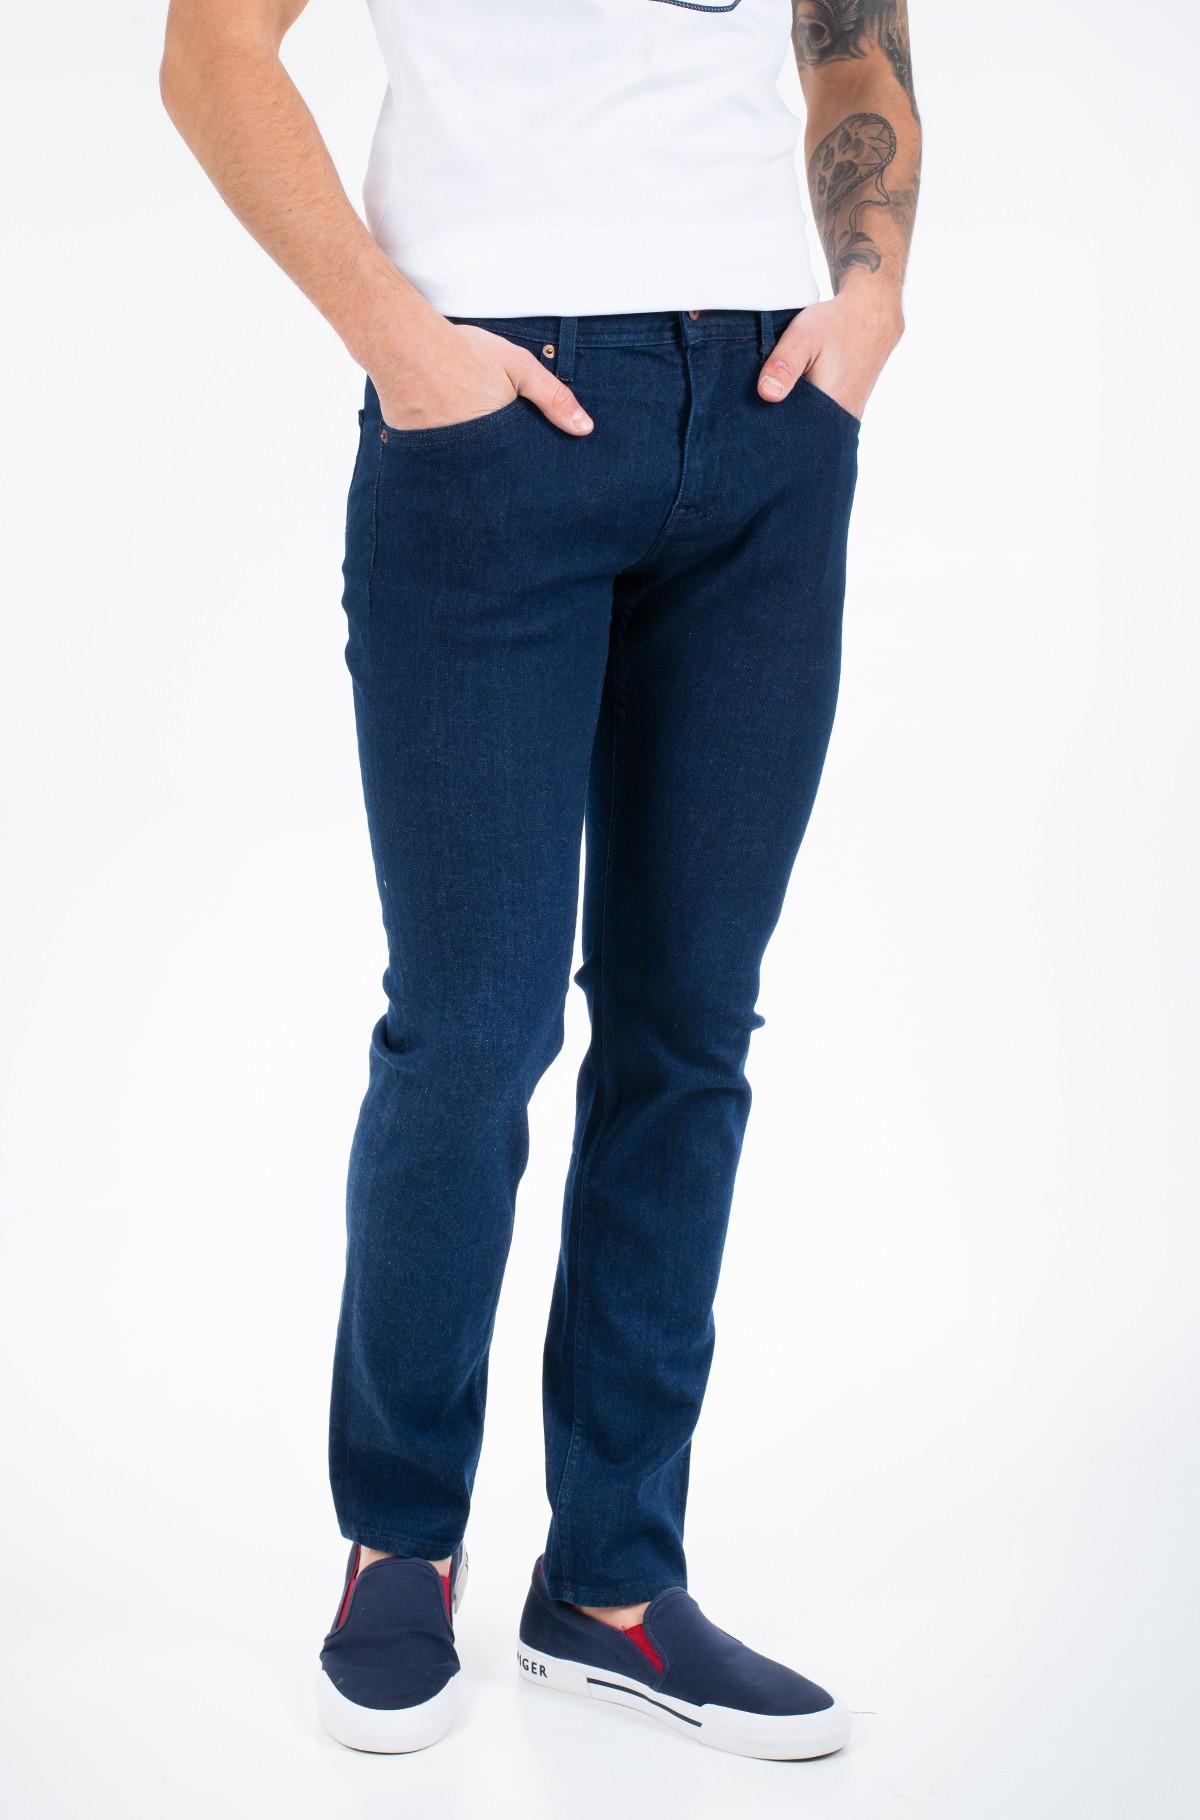 Jeans STRGHT DENTON SSTR EDOM BLUE-full-1